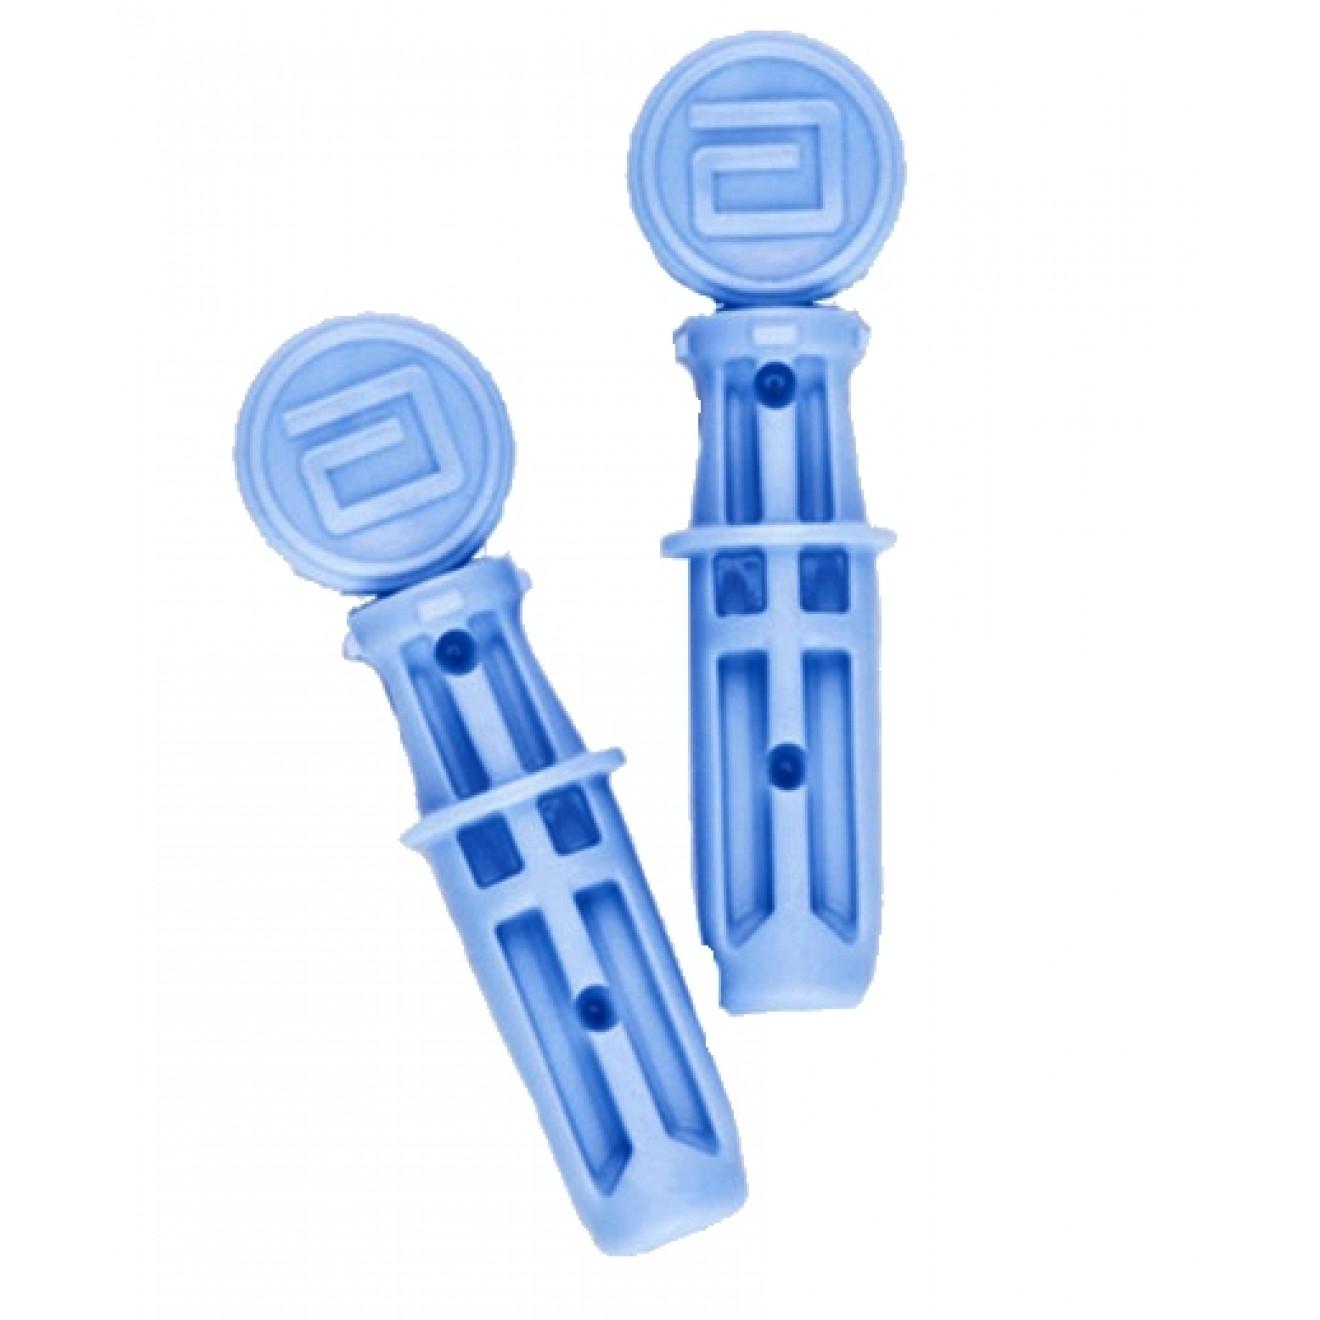 Freestyle Lancets 200 St Bestimed Shop Inkontinenz Und Medizinartikel Sonderangebote